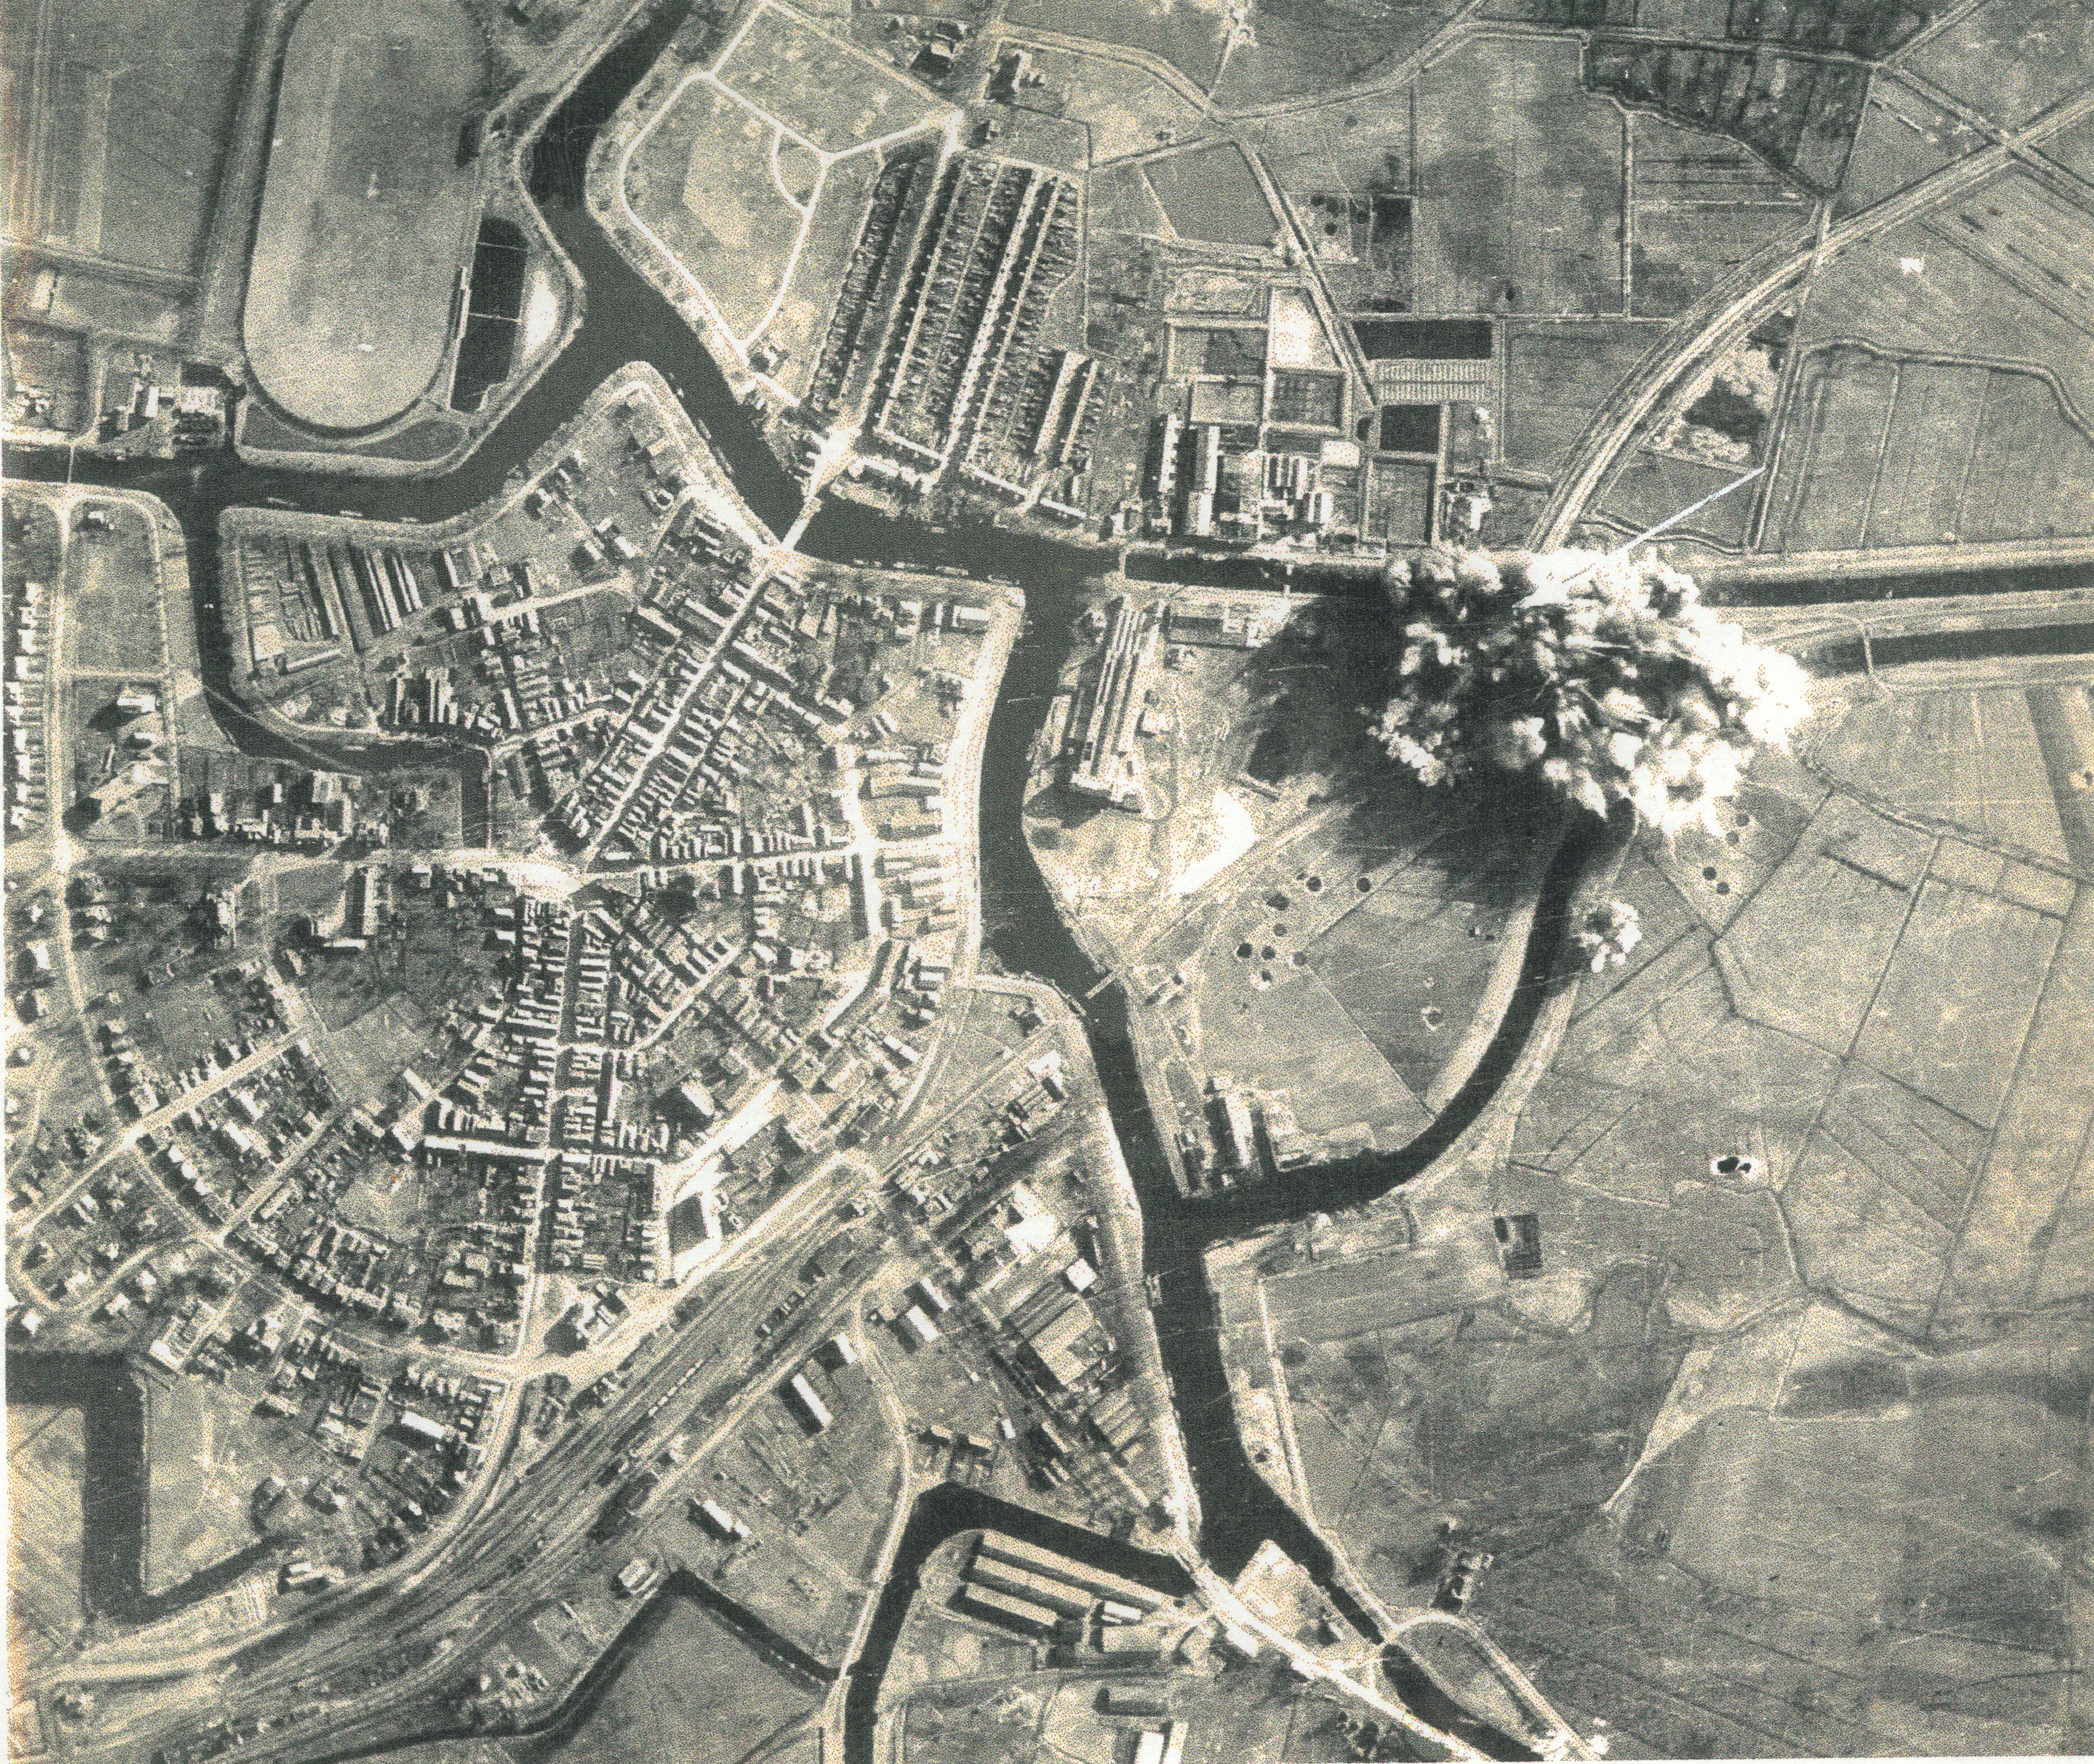 Bombardement op spoorbrug naar Duitsland kopie uit collectie H. Hoiting Aalten